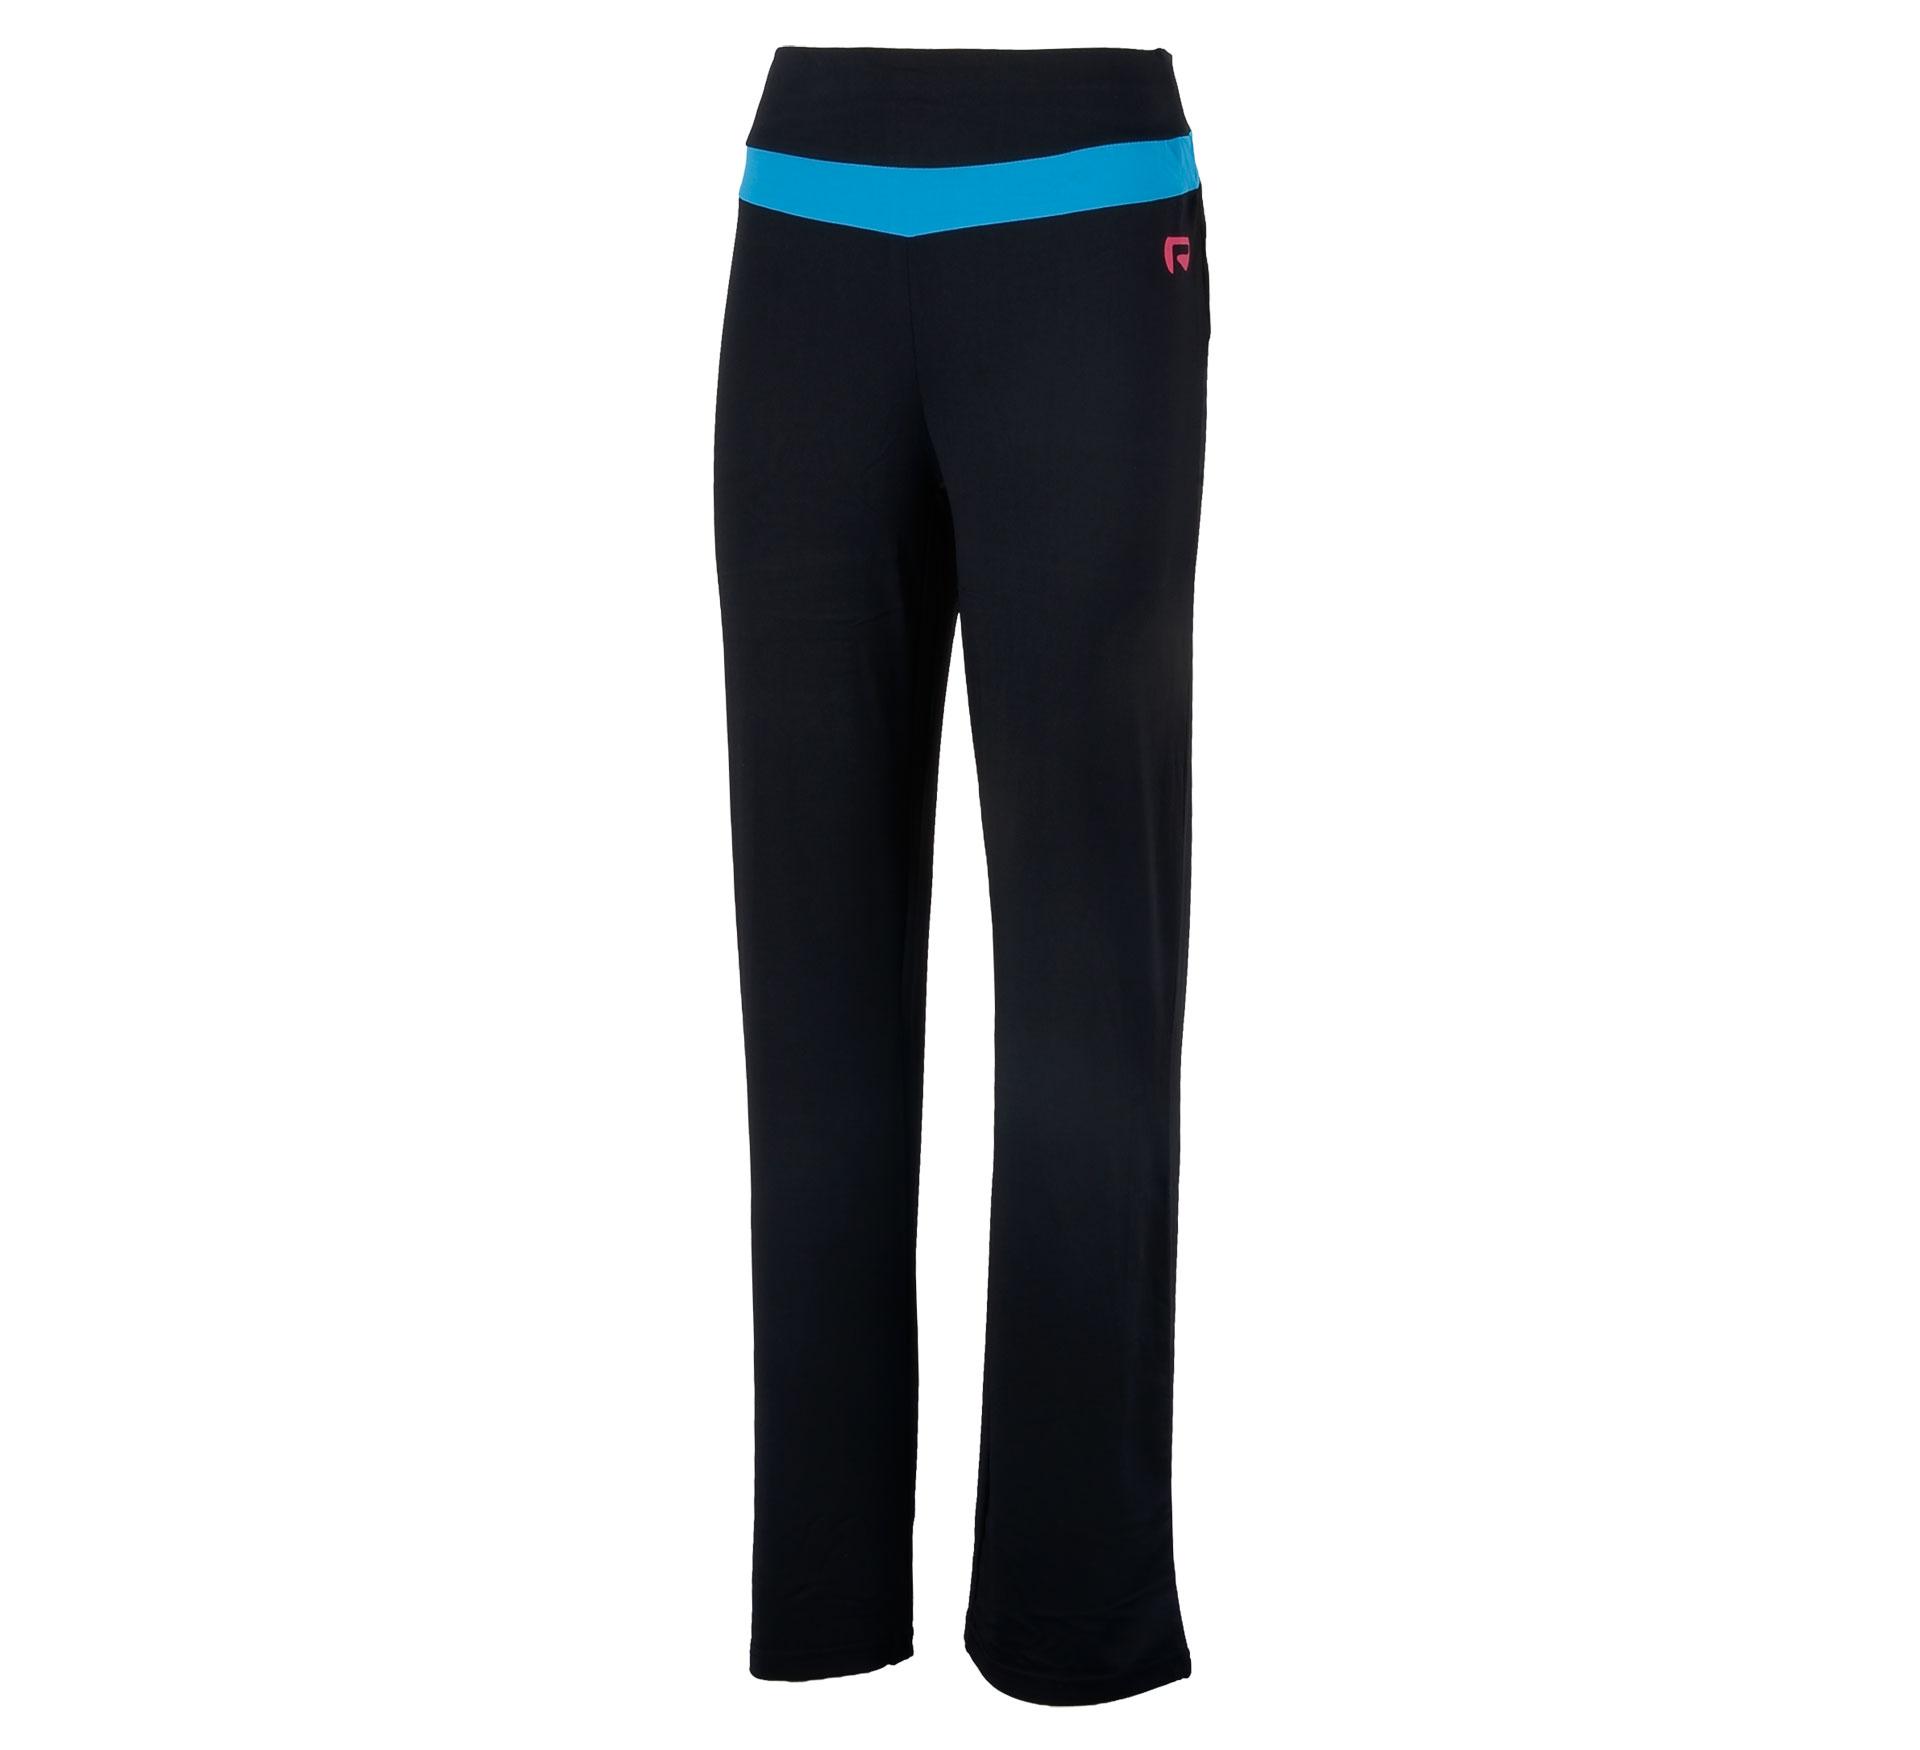 Redmax Fitness Jazz Broek Dames zwart - blauw